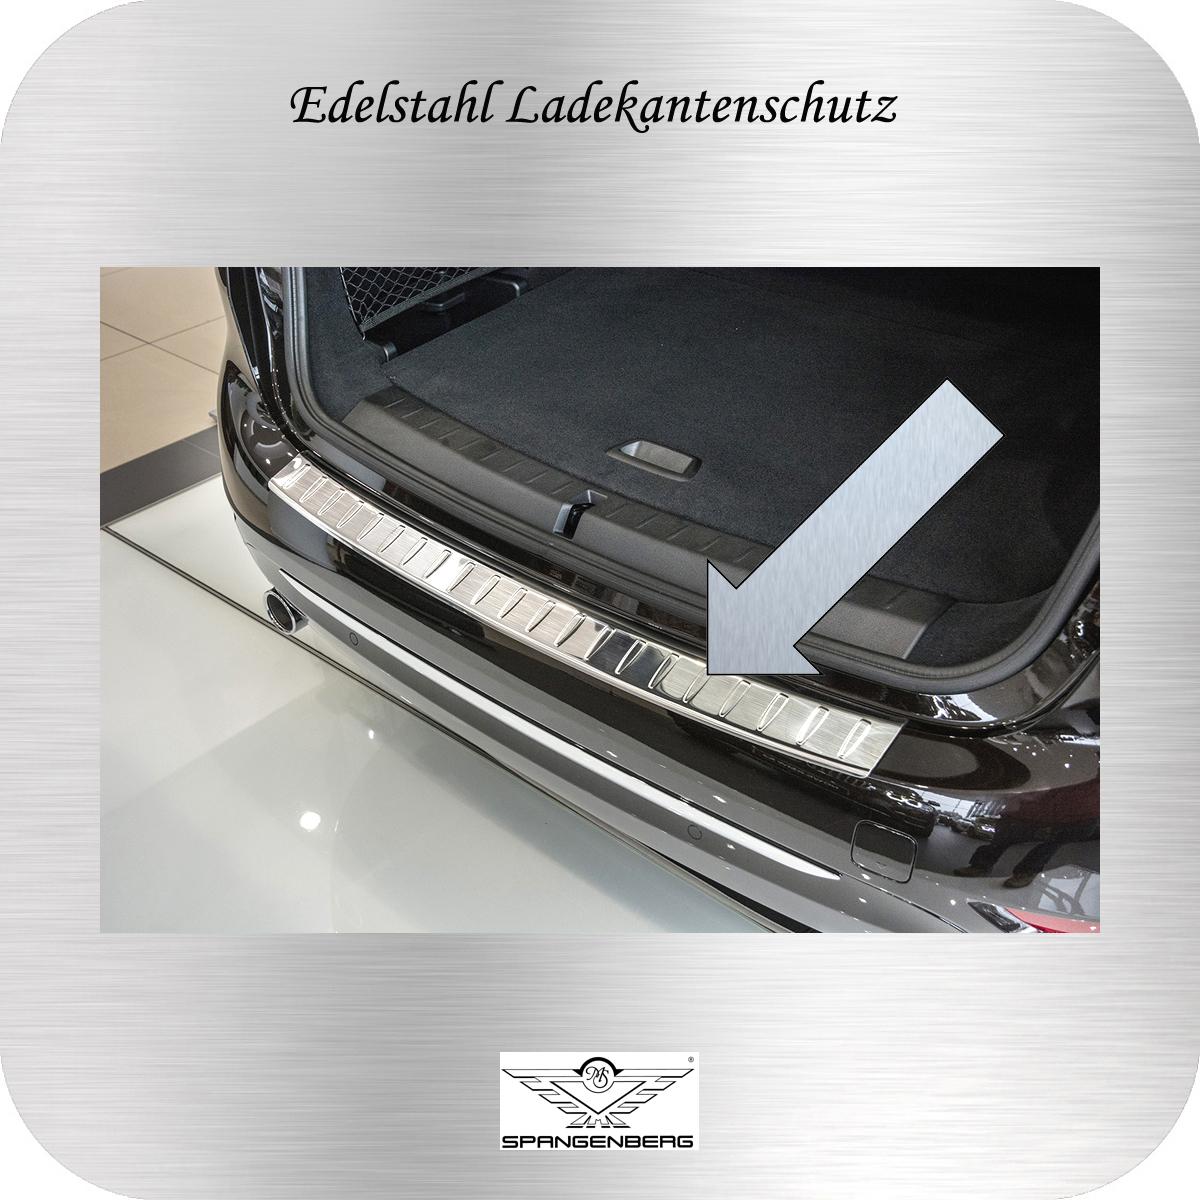 Ladekantenschutz Edelstahl BMW 2er Gran Tourer F46 Van 2 Series 2014- 3235087